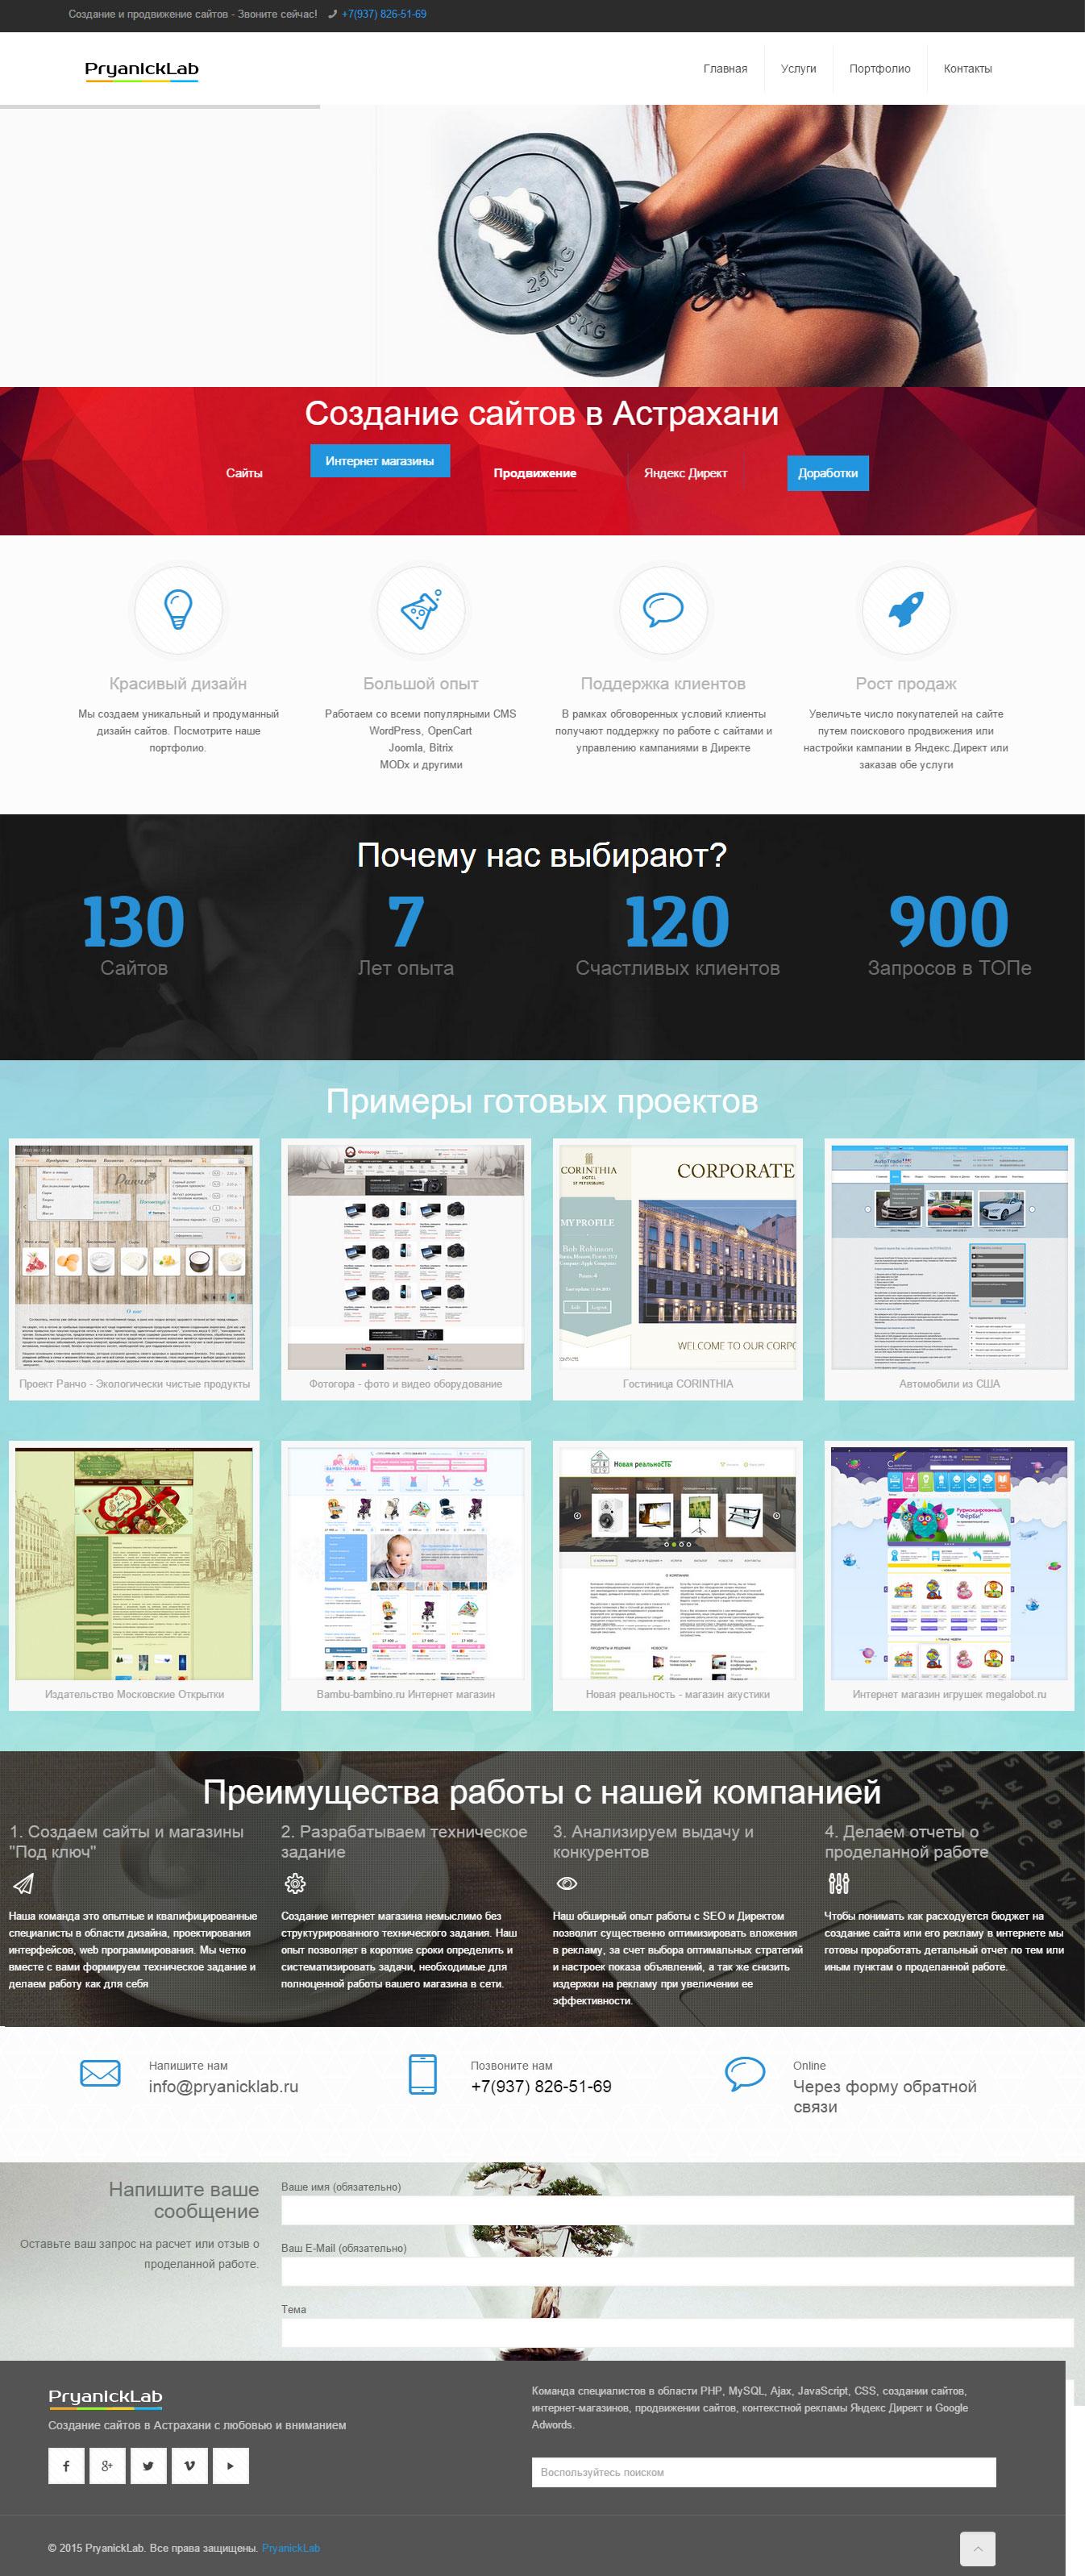 Создание сайтов, разработка сайтов